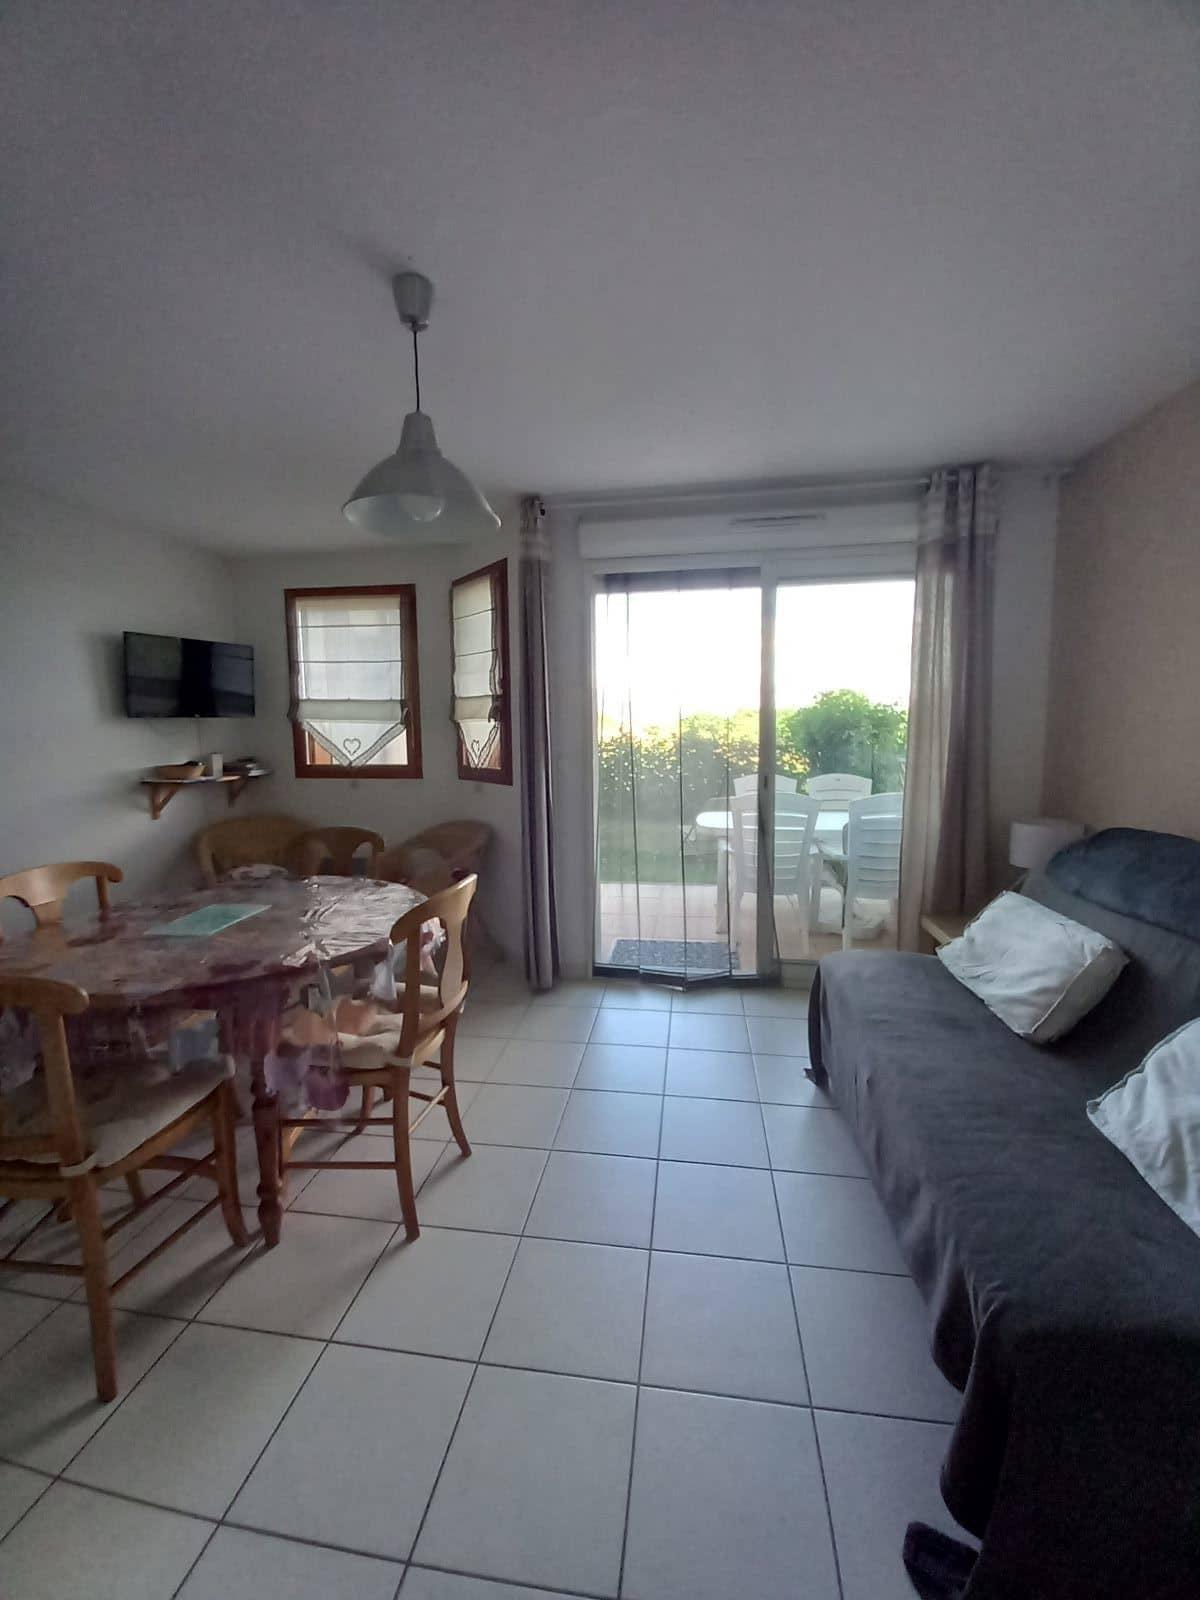 20210705 112354 - SAINT-LEGER-LES-MELEZES T2 DE 42 m² (4 COUCHAGES) AVEC JARDIN